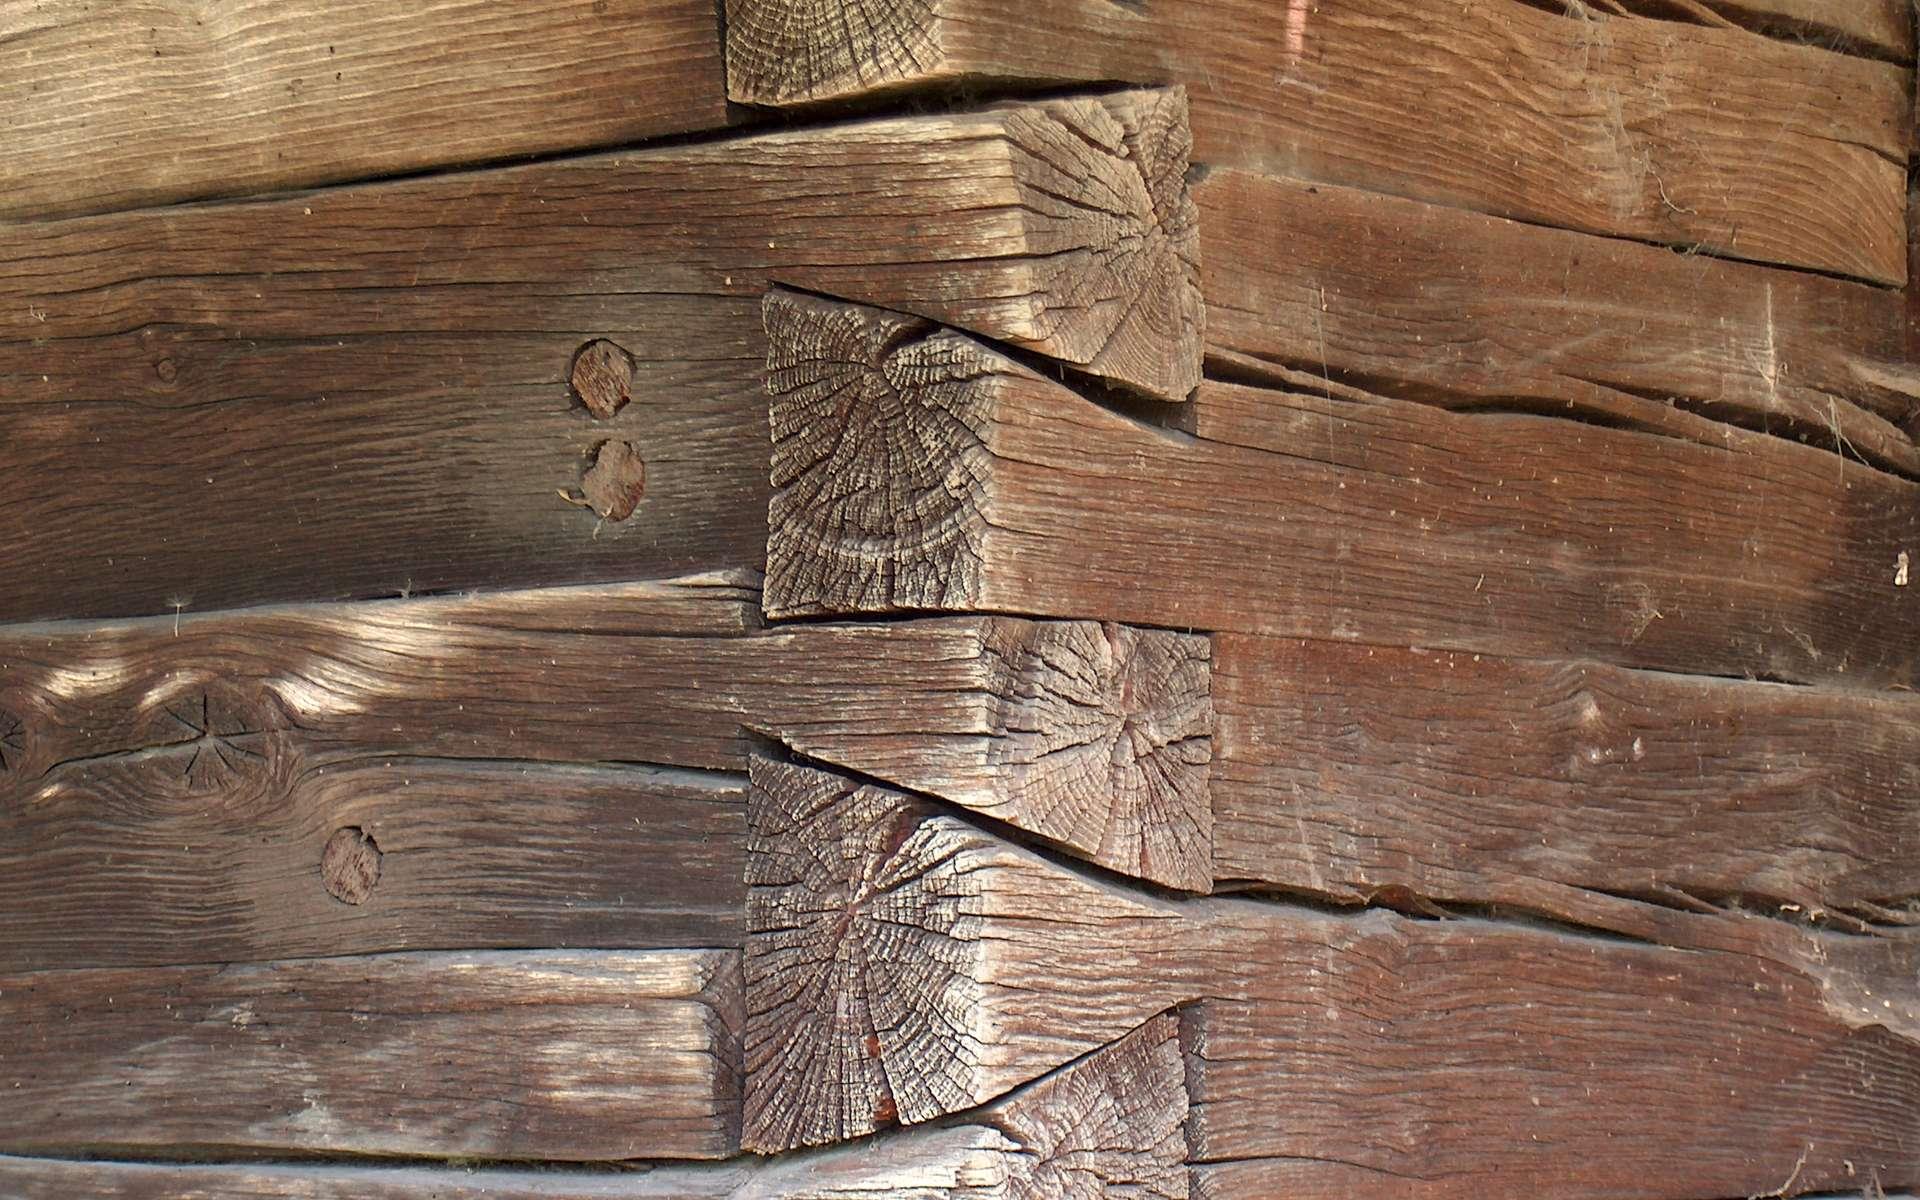 L'assemblage en queue d'aronde est composé de deux pièces de bois taillées en forme de queue d'hirondelle. Sur la photo, on peut observer les pièces de bois, en forme de trapèze rappelant la queue d'une hirondelle. © Dumitru Rotari, CC BY 2.5, Wikimedia Commons